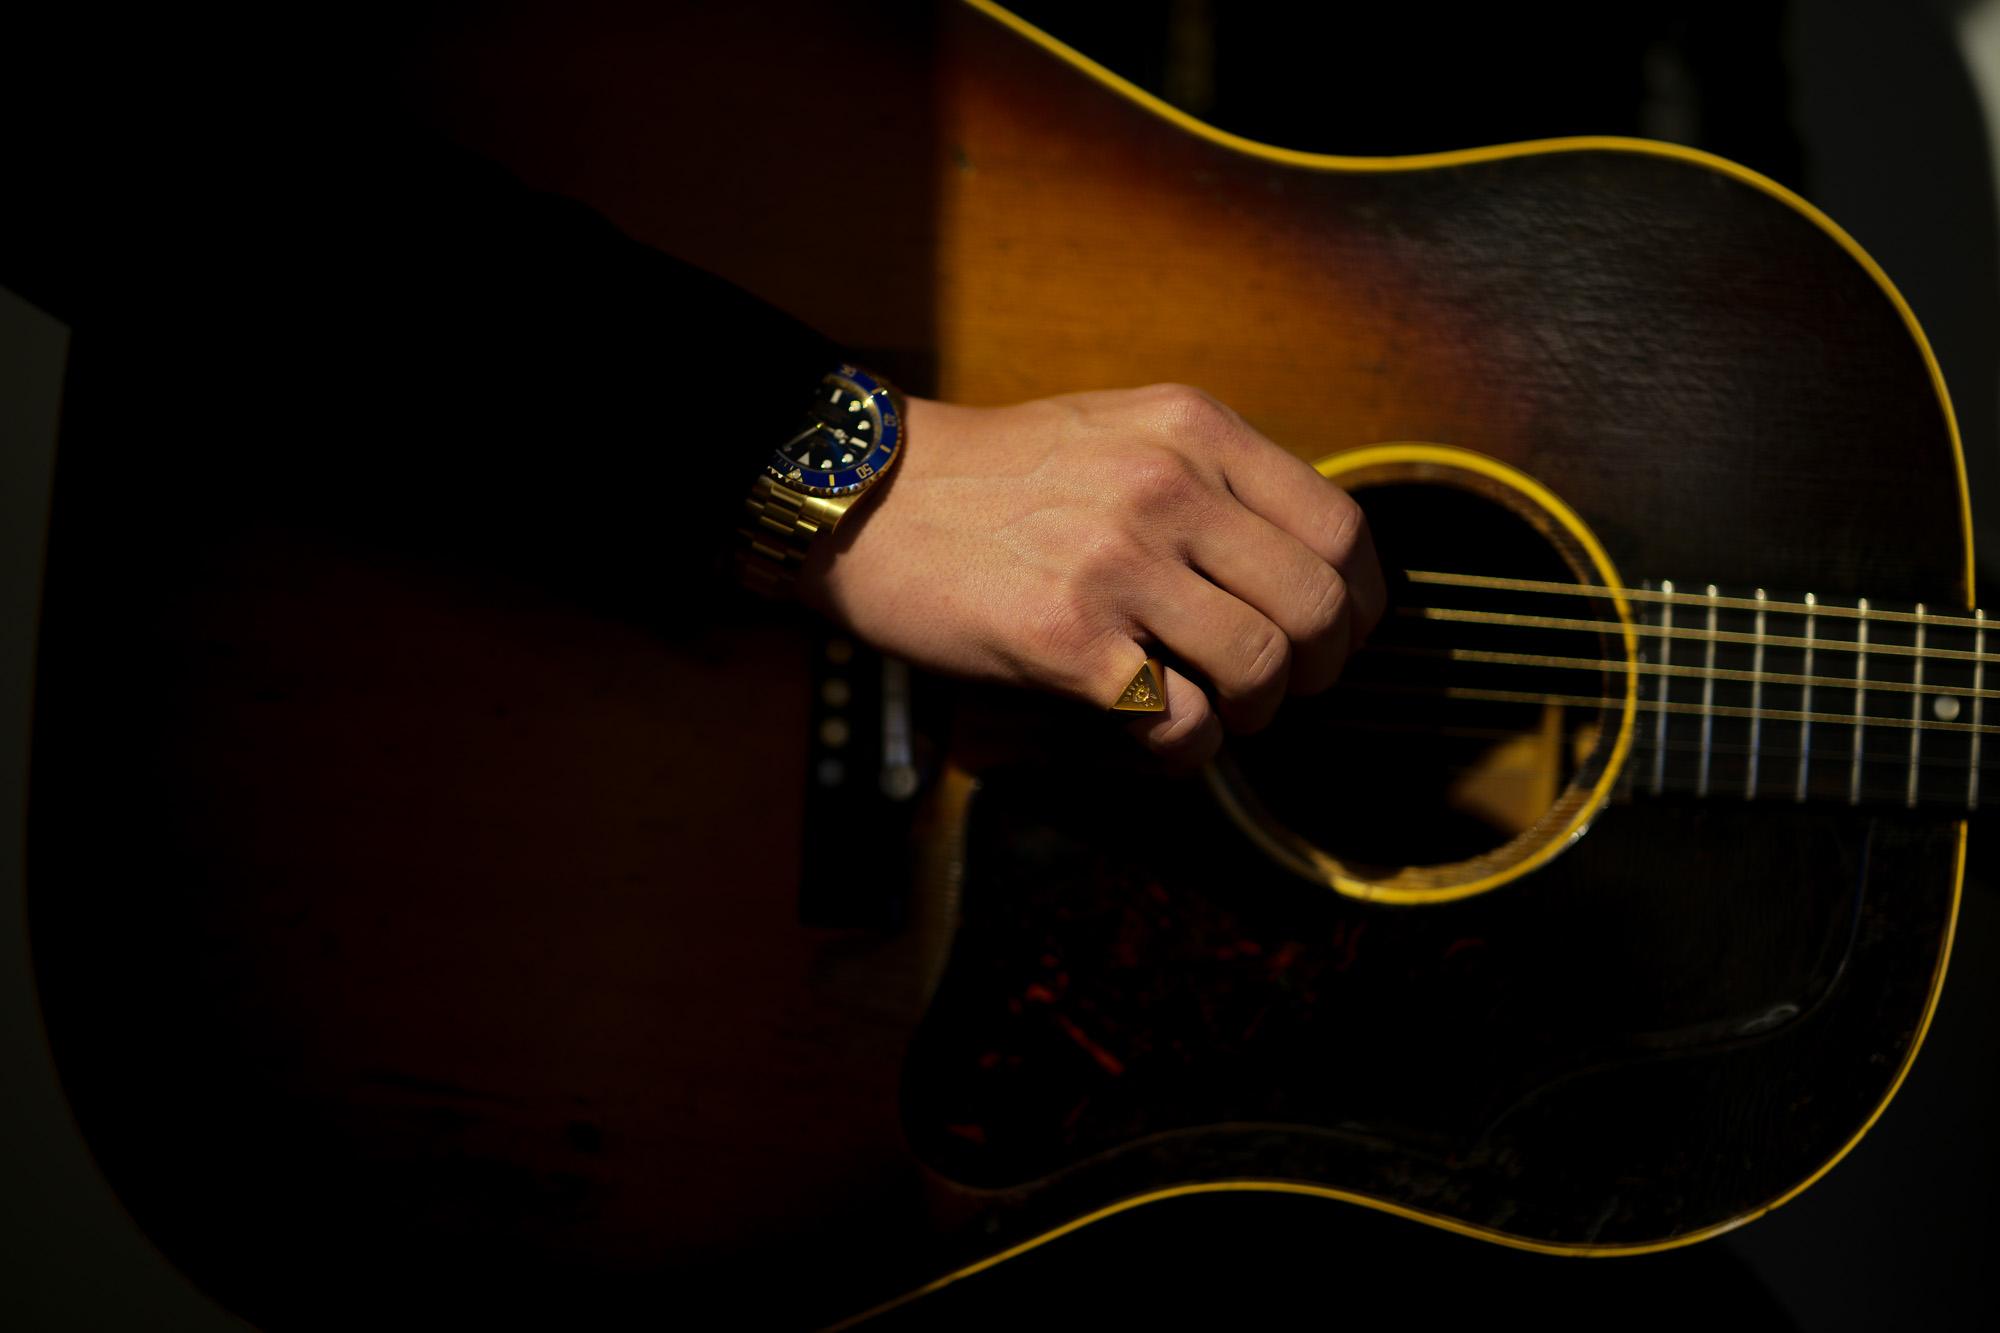 """FIXER(フィクサー) ILLUMINATI EYES RING 18K GOLD イルミナティ アイズリング GOLD(ゴールド) 【ご予約受付中】【2020.4.11(Sat)~2020.5.03(Sun)】愛知 名古屋 Alto e Diritto アルトエデリット 18金 リング Gibson ギブソン J-45 1959年製 ビンテージギター """"59"""" Gibsonマニアには特別な響きで神格化された一年。  ヴィンテージ専門に扱えるリペアマンに細部の調整を依頼。特にフレットを一度抜き溝をクリーニングして貰った事によるプレイアビリティ、サウンドスティーンの向上は、この個体のポテンシャルを更に高めました。半端ないオーラーを放つプレイヤーコンディションの別格品。無数の傷跡、塗装の剥げ落ちもなんのその、そのルックス、更にはサウンドにはただただ息をのむしかありません。コンディションは、ご覧のように全身びっしりと入ったウェザーチェック、ネック裏やバックを中心とした塗装剥げがあります。ピックガード際クラック修正済み、ボディトップ1弦側下部に鋭く穴が開いたような形跡が3ヶ所ほど確認出来ます。バック6弦側ウェスト付近に長いクラック修正が2か所あります。サドルは近年の初期セラミック復刻物が取り付けられていて雰囲気も抜群です。ブリッジプレートはおそらく同型のメイプルにて交換され、弦によるえぐれなどがなくサウンドの肝をしっかりと捉えてくれています。ナット交換、リフレット済みで、見た目と裏腹に物凄く手入れがしっかりとされています。ネックグリップは59年にしては比較的薄めで非常に使い易く馴染みます。漆黒のハカランダ指板は密度が濃く、サウンドの芯を確実に形成しています。採用期間の短いデカネジアジャスタブルサドルもポイント。上塗りのラージガード上にも無数に走るウェザーチェックが痺れます。ヘッドエッジが歴戦の中でも丸みを帯びているのも、抱える時に塗装面がザラっとするのも引き始めた時サウンドホールから溢れるアメリカの香りも全てがトップランク!チップボードケース付属。"""